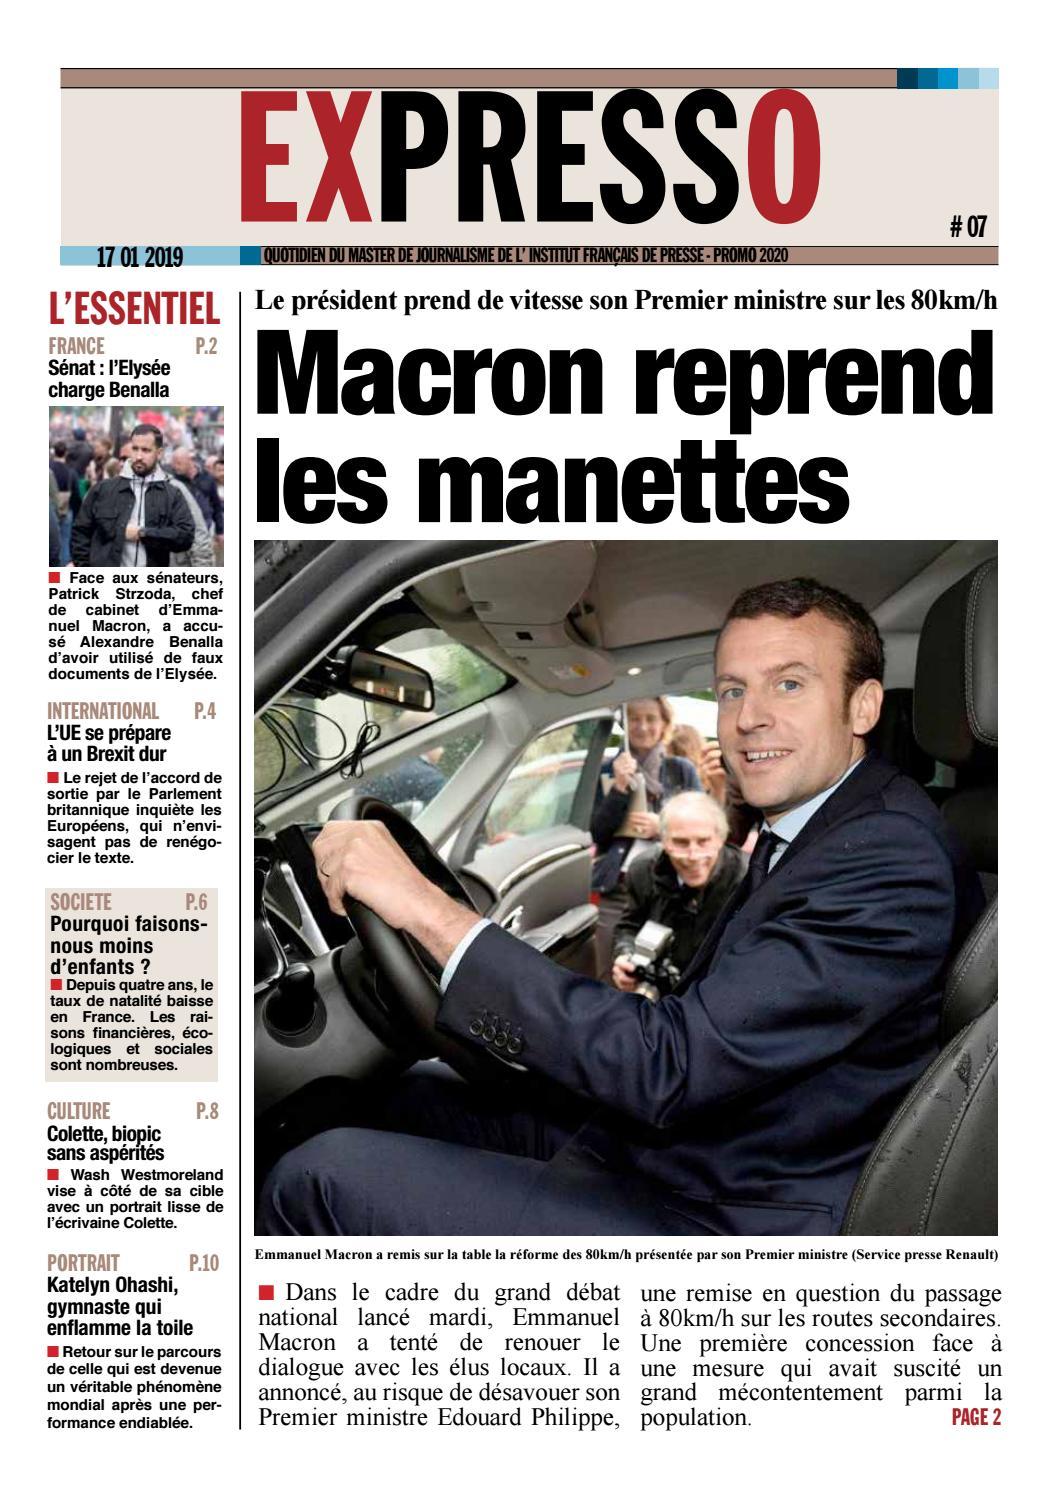 Expresso 07 By Ifp Institut Francais De Presse Paris Ii